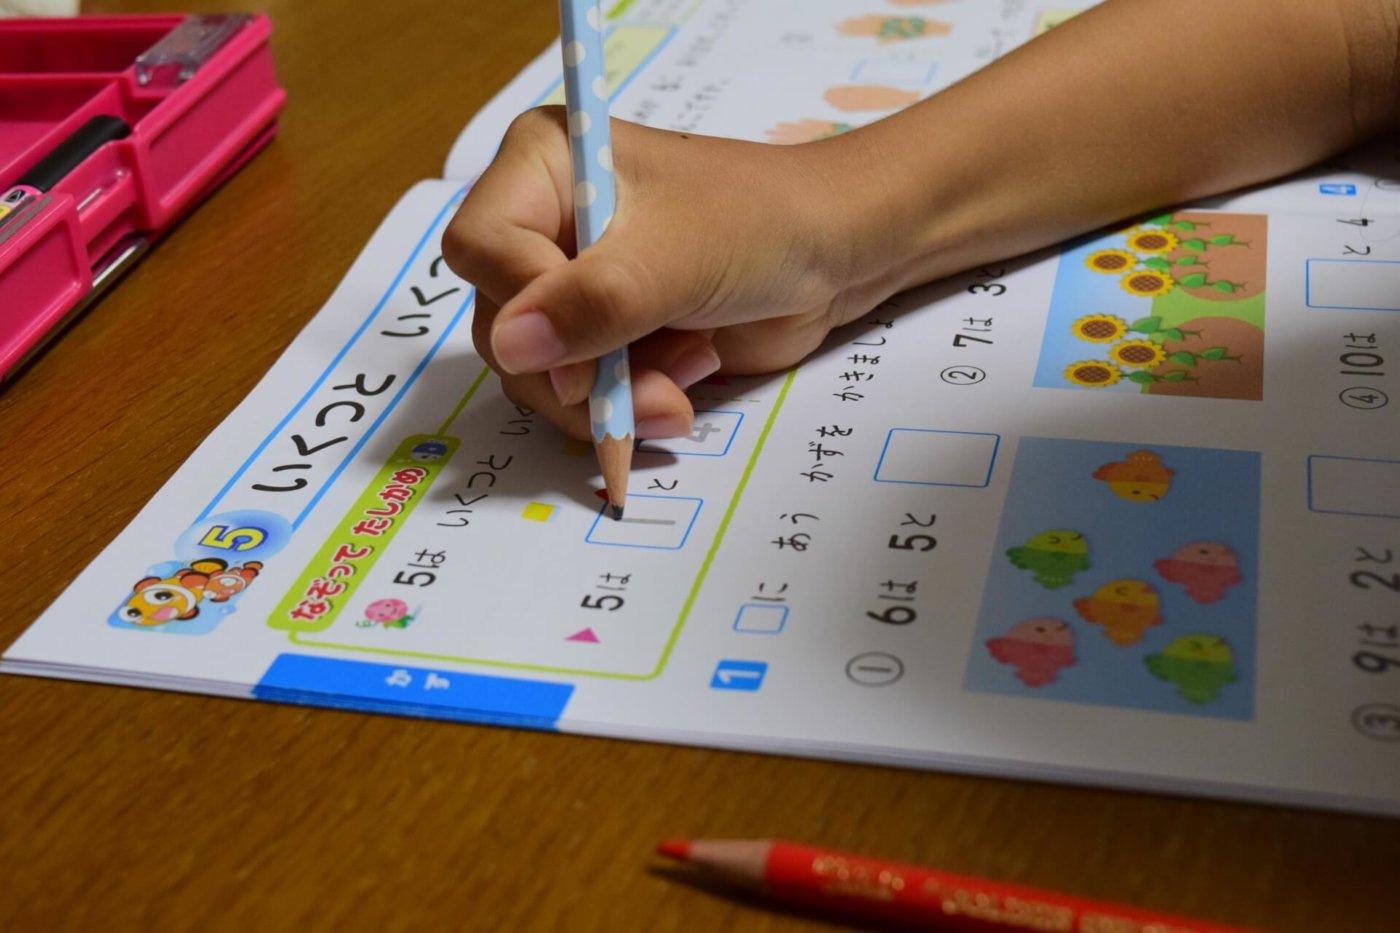 夏休みの宿題を始めない子どもにすべき5つのこと